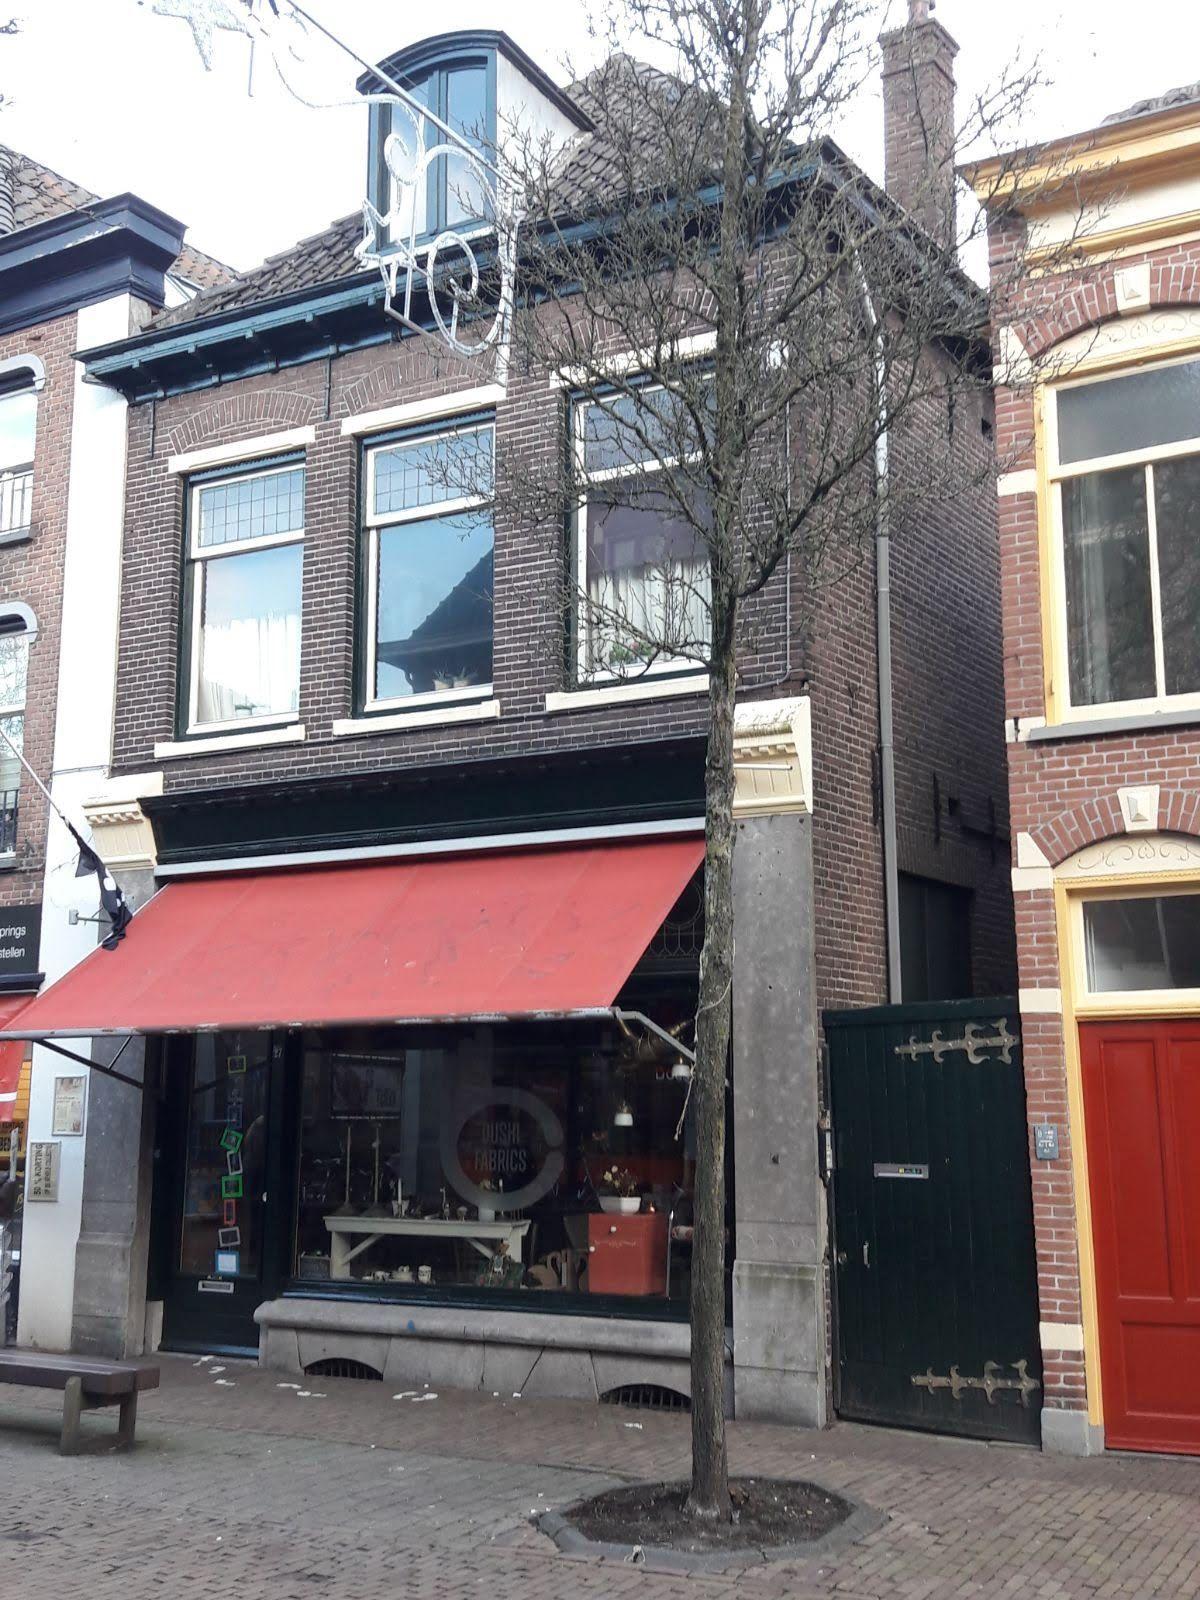 Ooipoortstraat, Doesburg